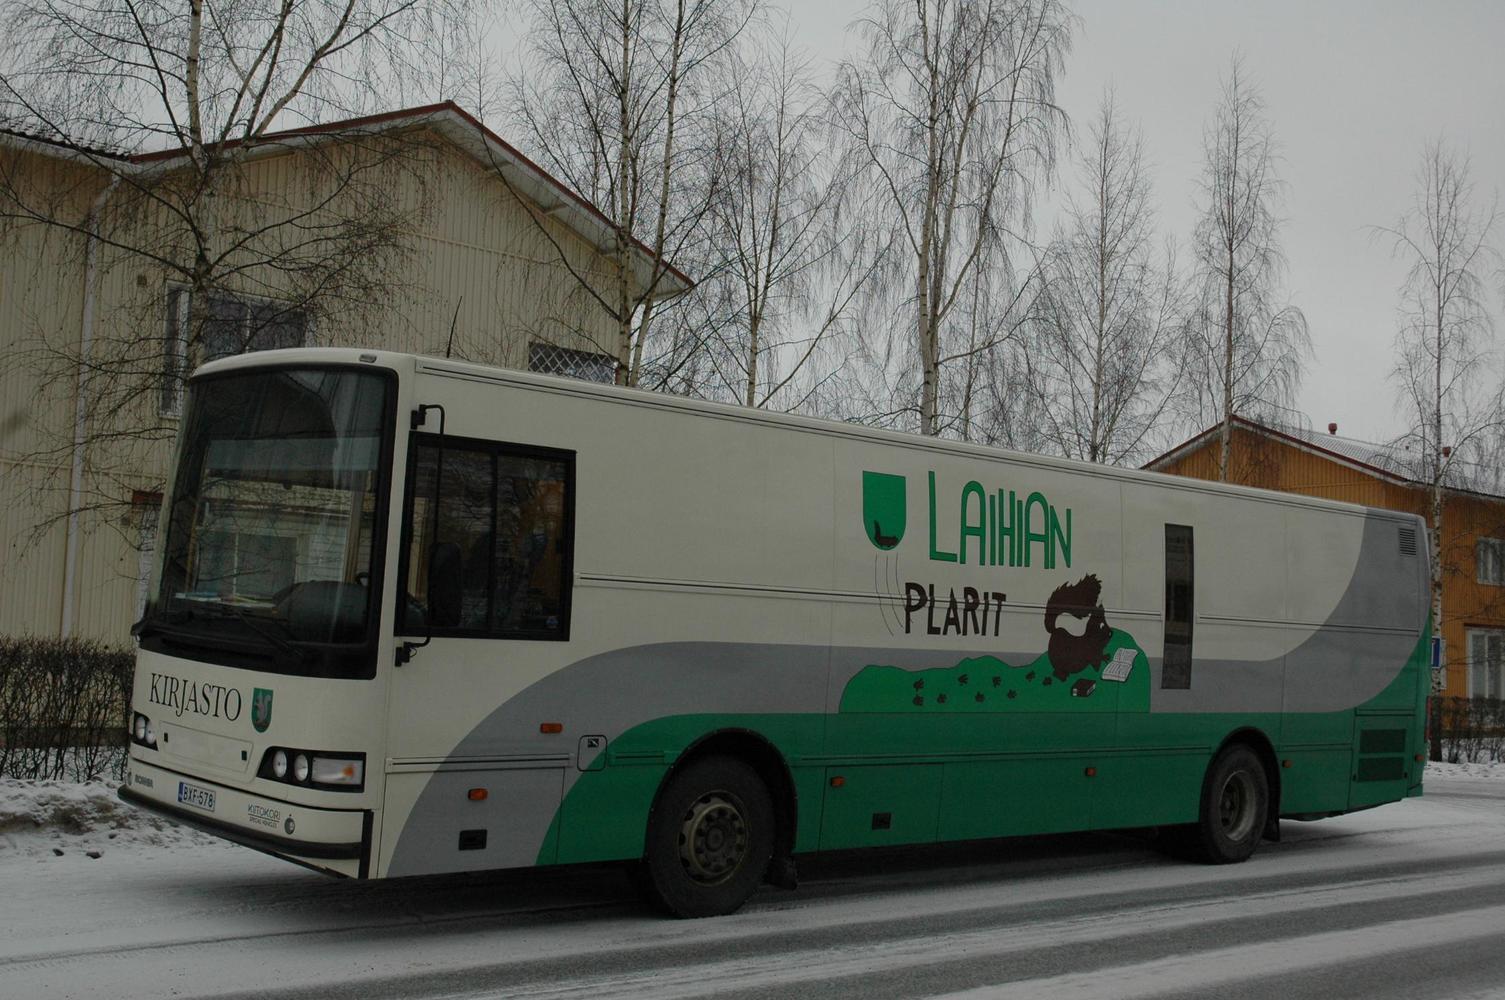 Kirjastoauto Plarit II (Laihia)